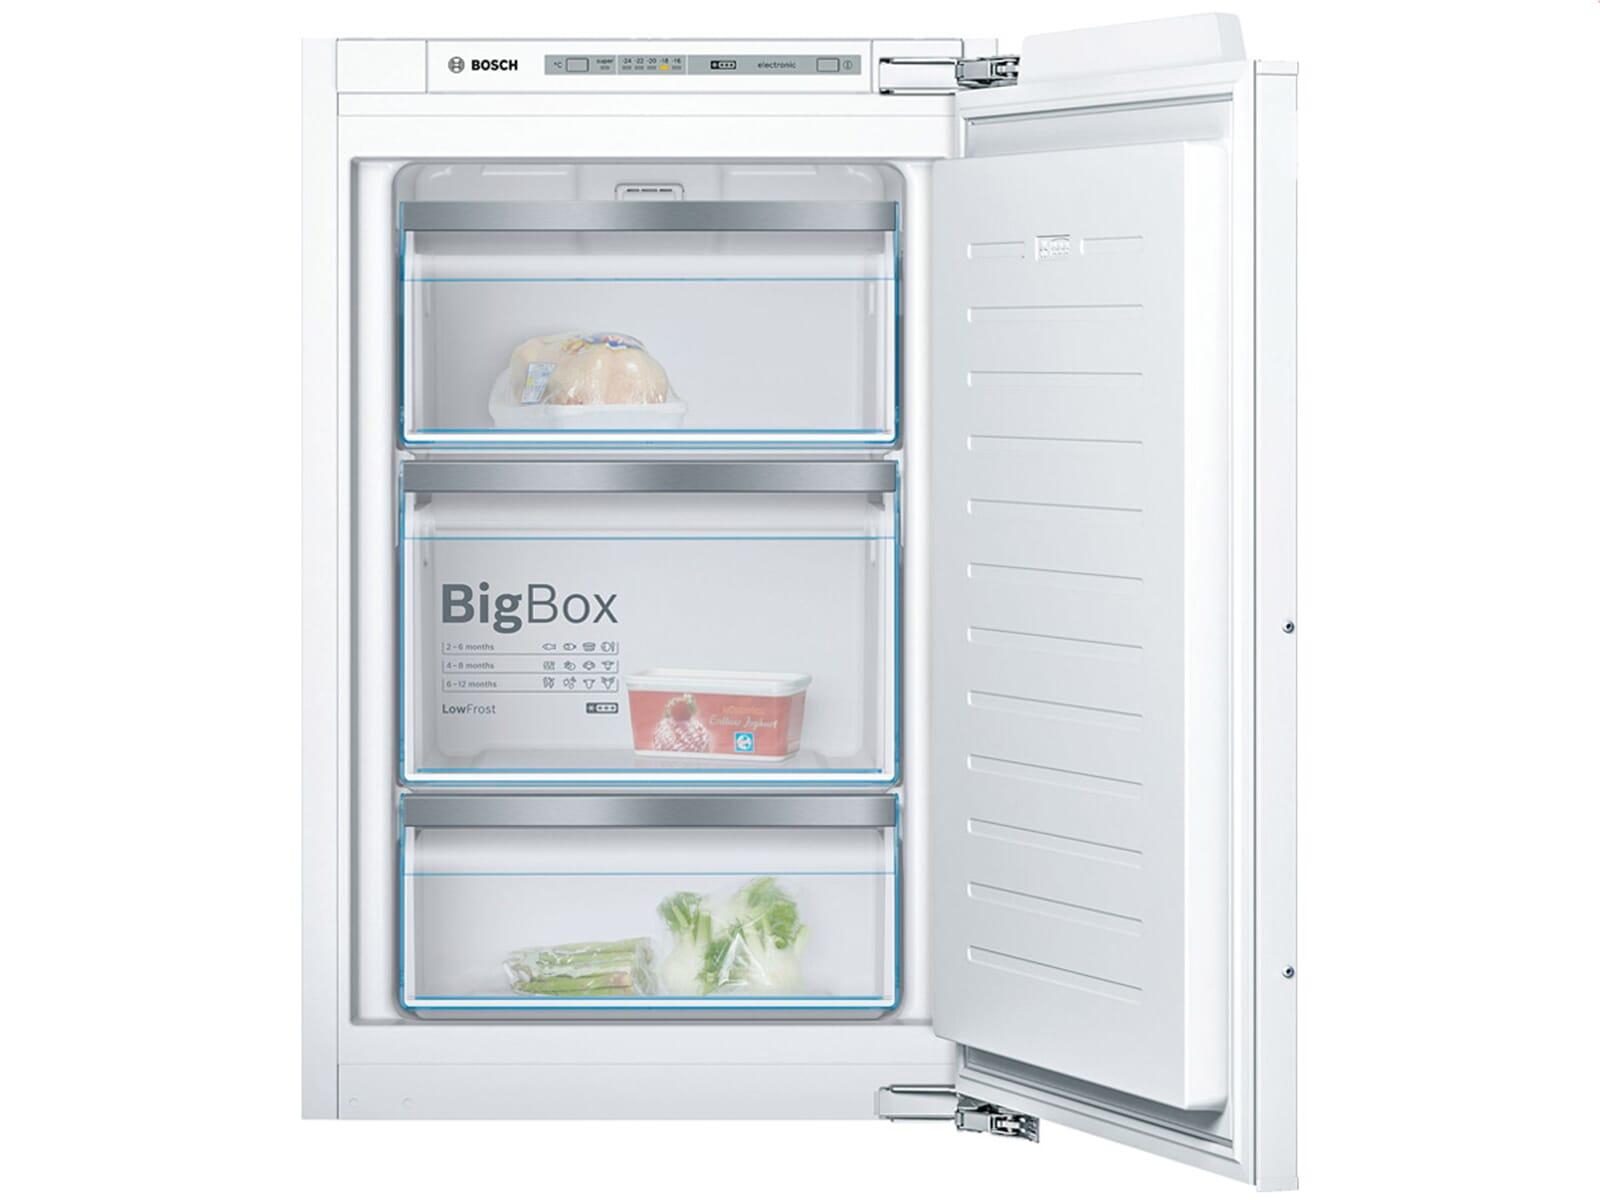 Bosch Kühlschrank Alarm : Bosch giv21ad40 einbaugefrierschrank